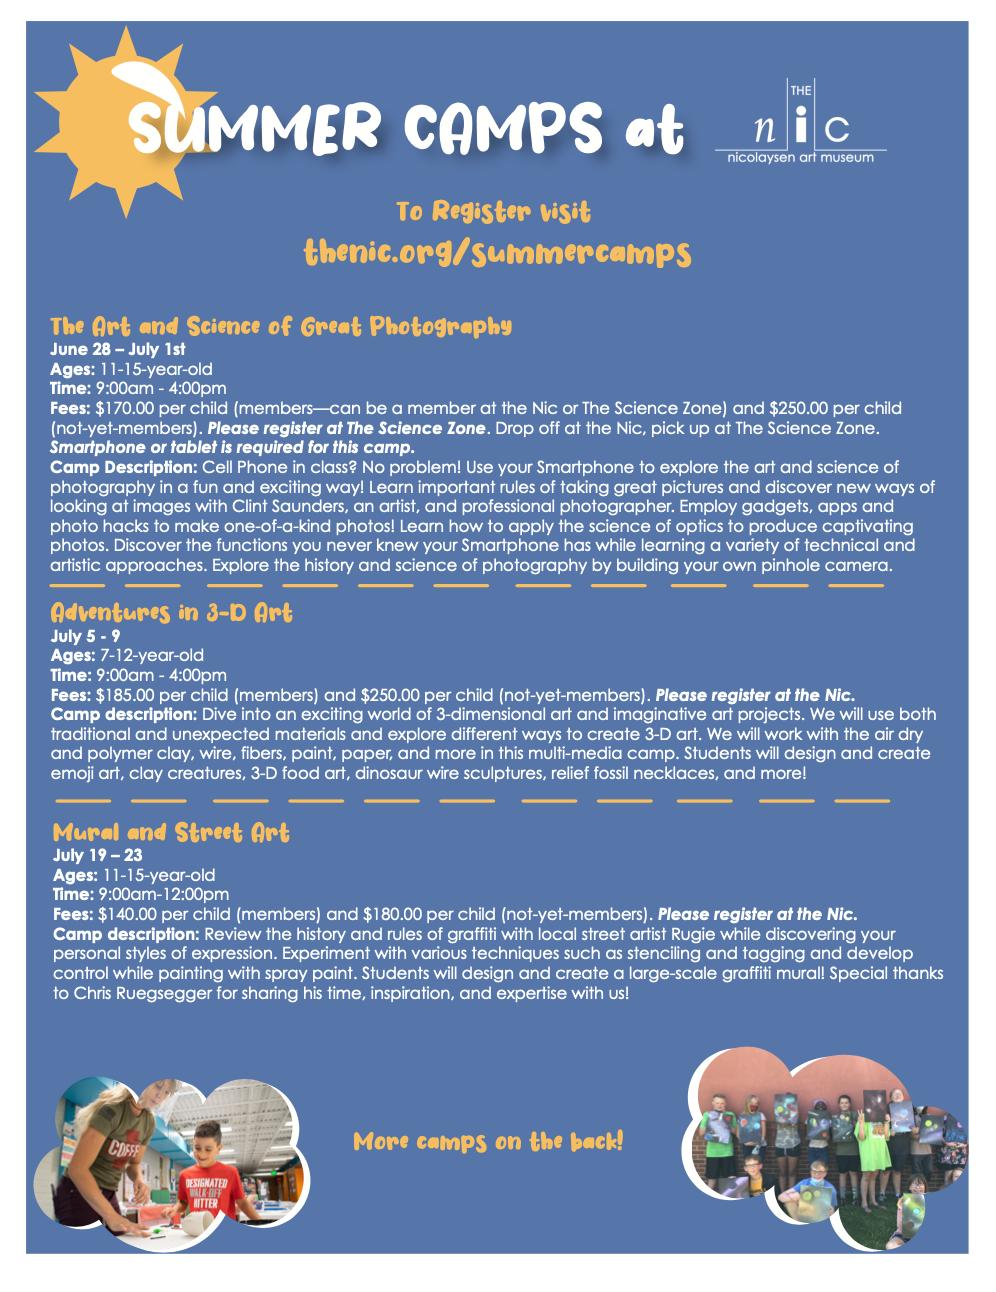 Nicolaysen Art Museum Summer Camps flyer